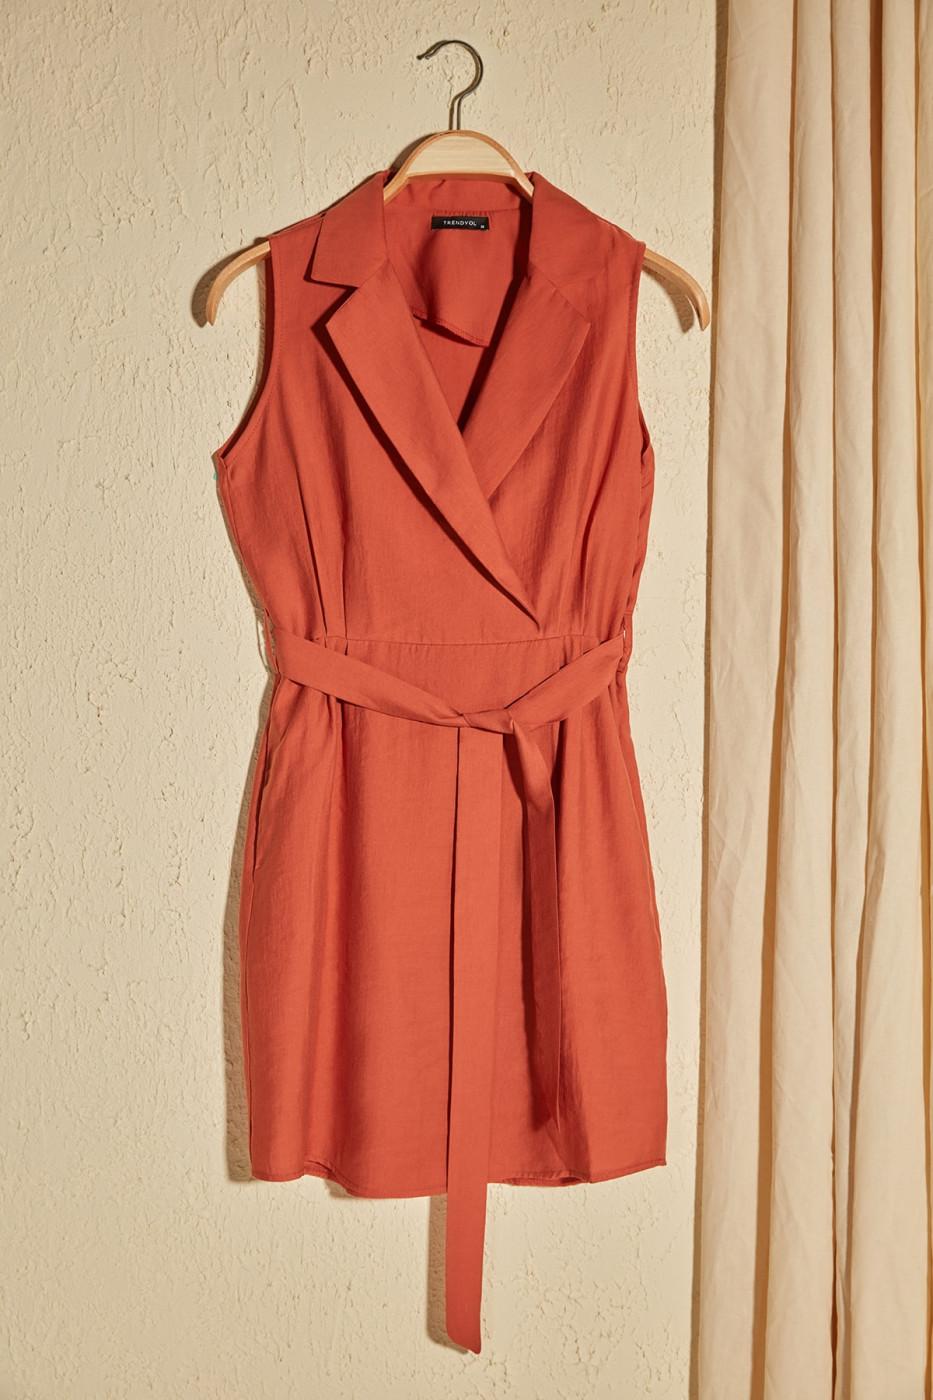 Trendyol Tdare Belted Pocket Detailed Dress